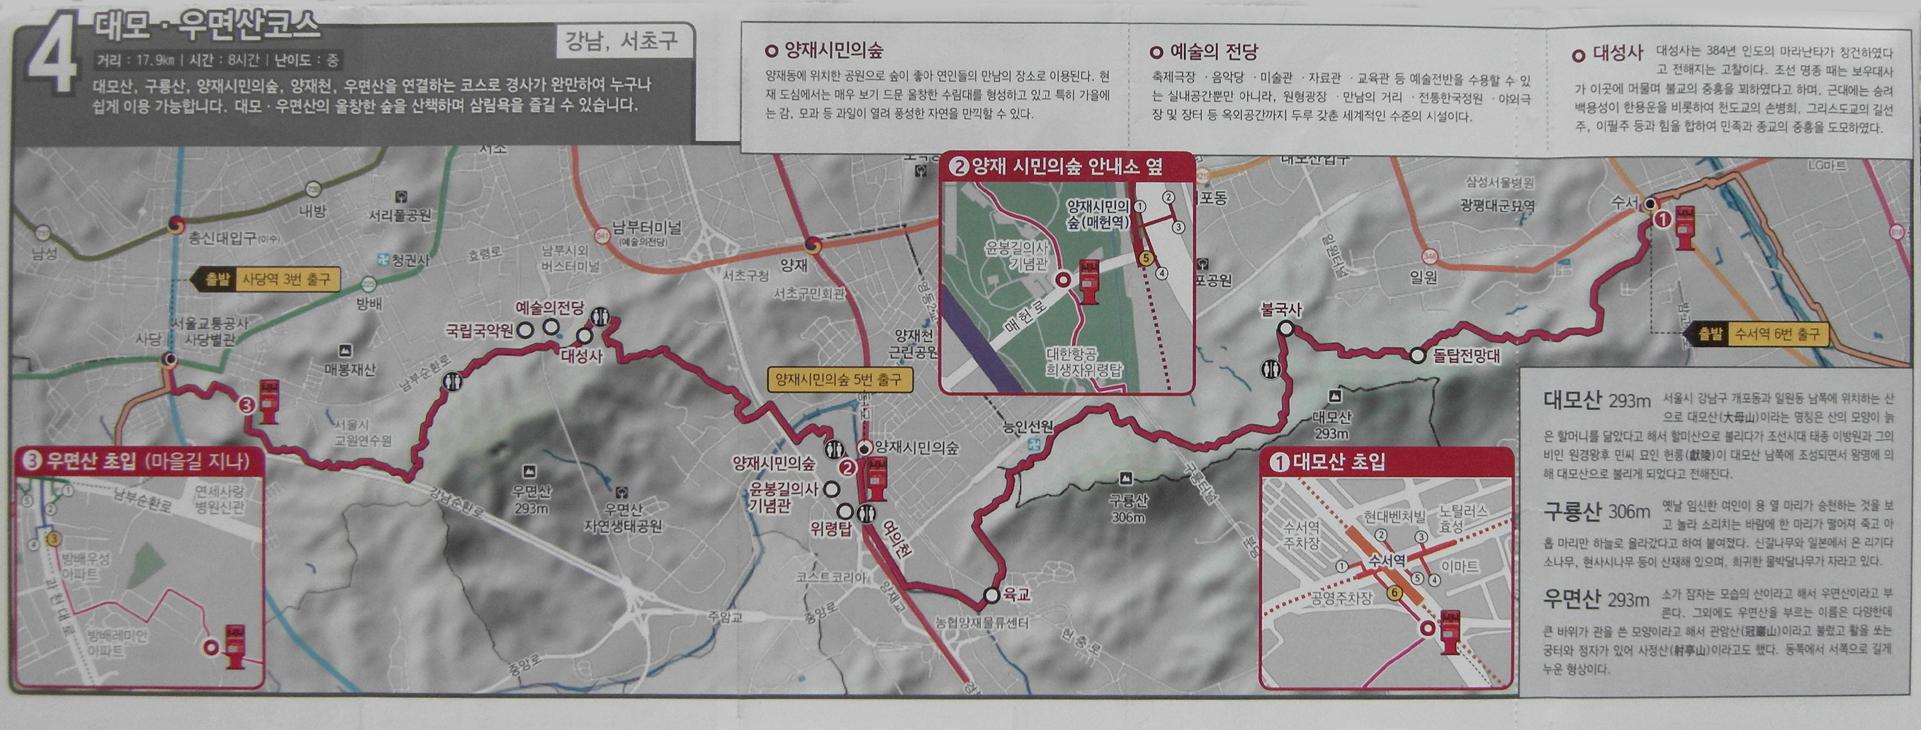 서울둘레길 4-1코스(대모산구간)- 수서역에서 대모산정상 지나 양재시민의숲역까지